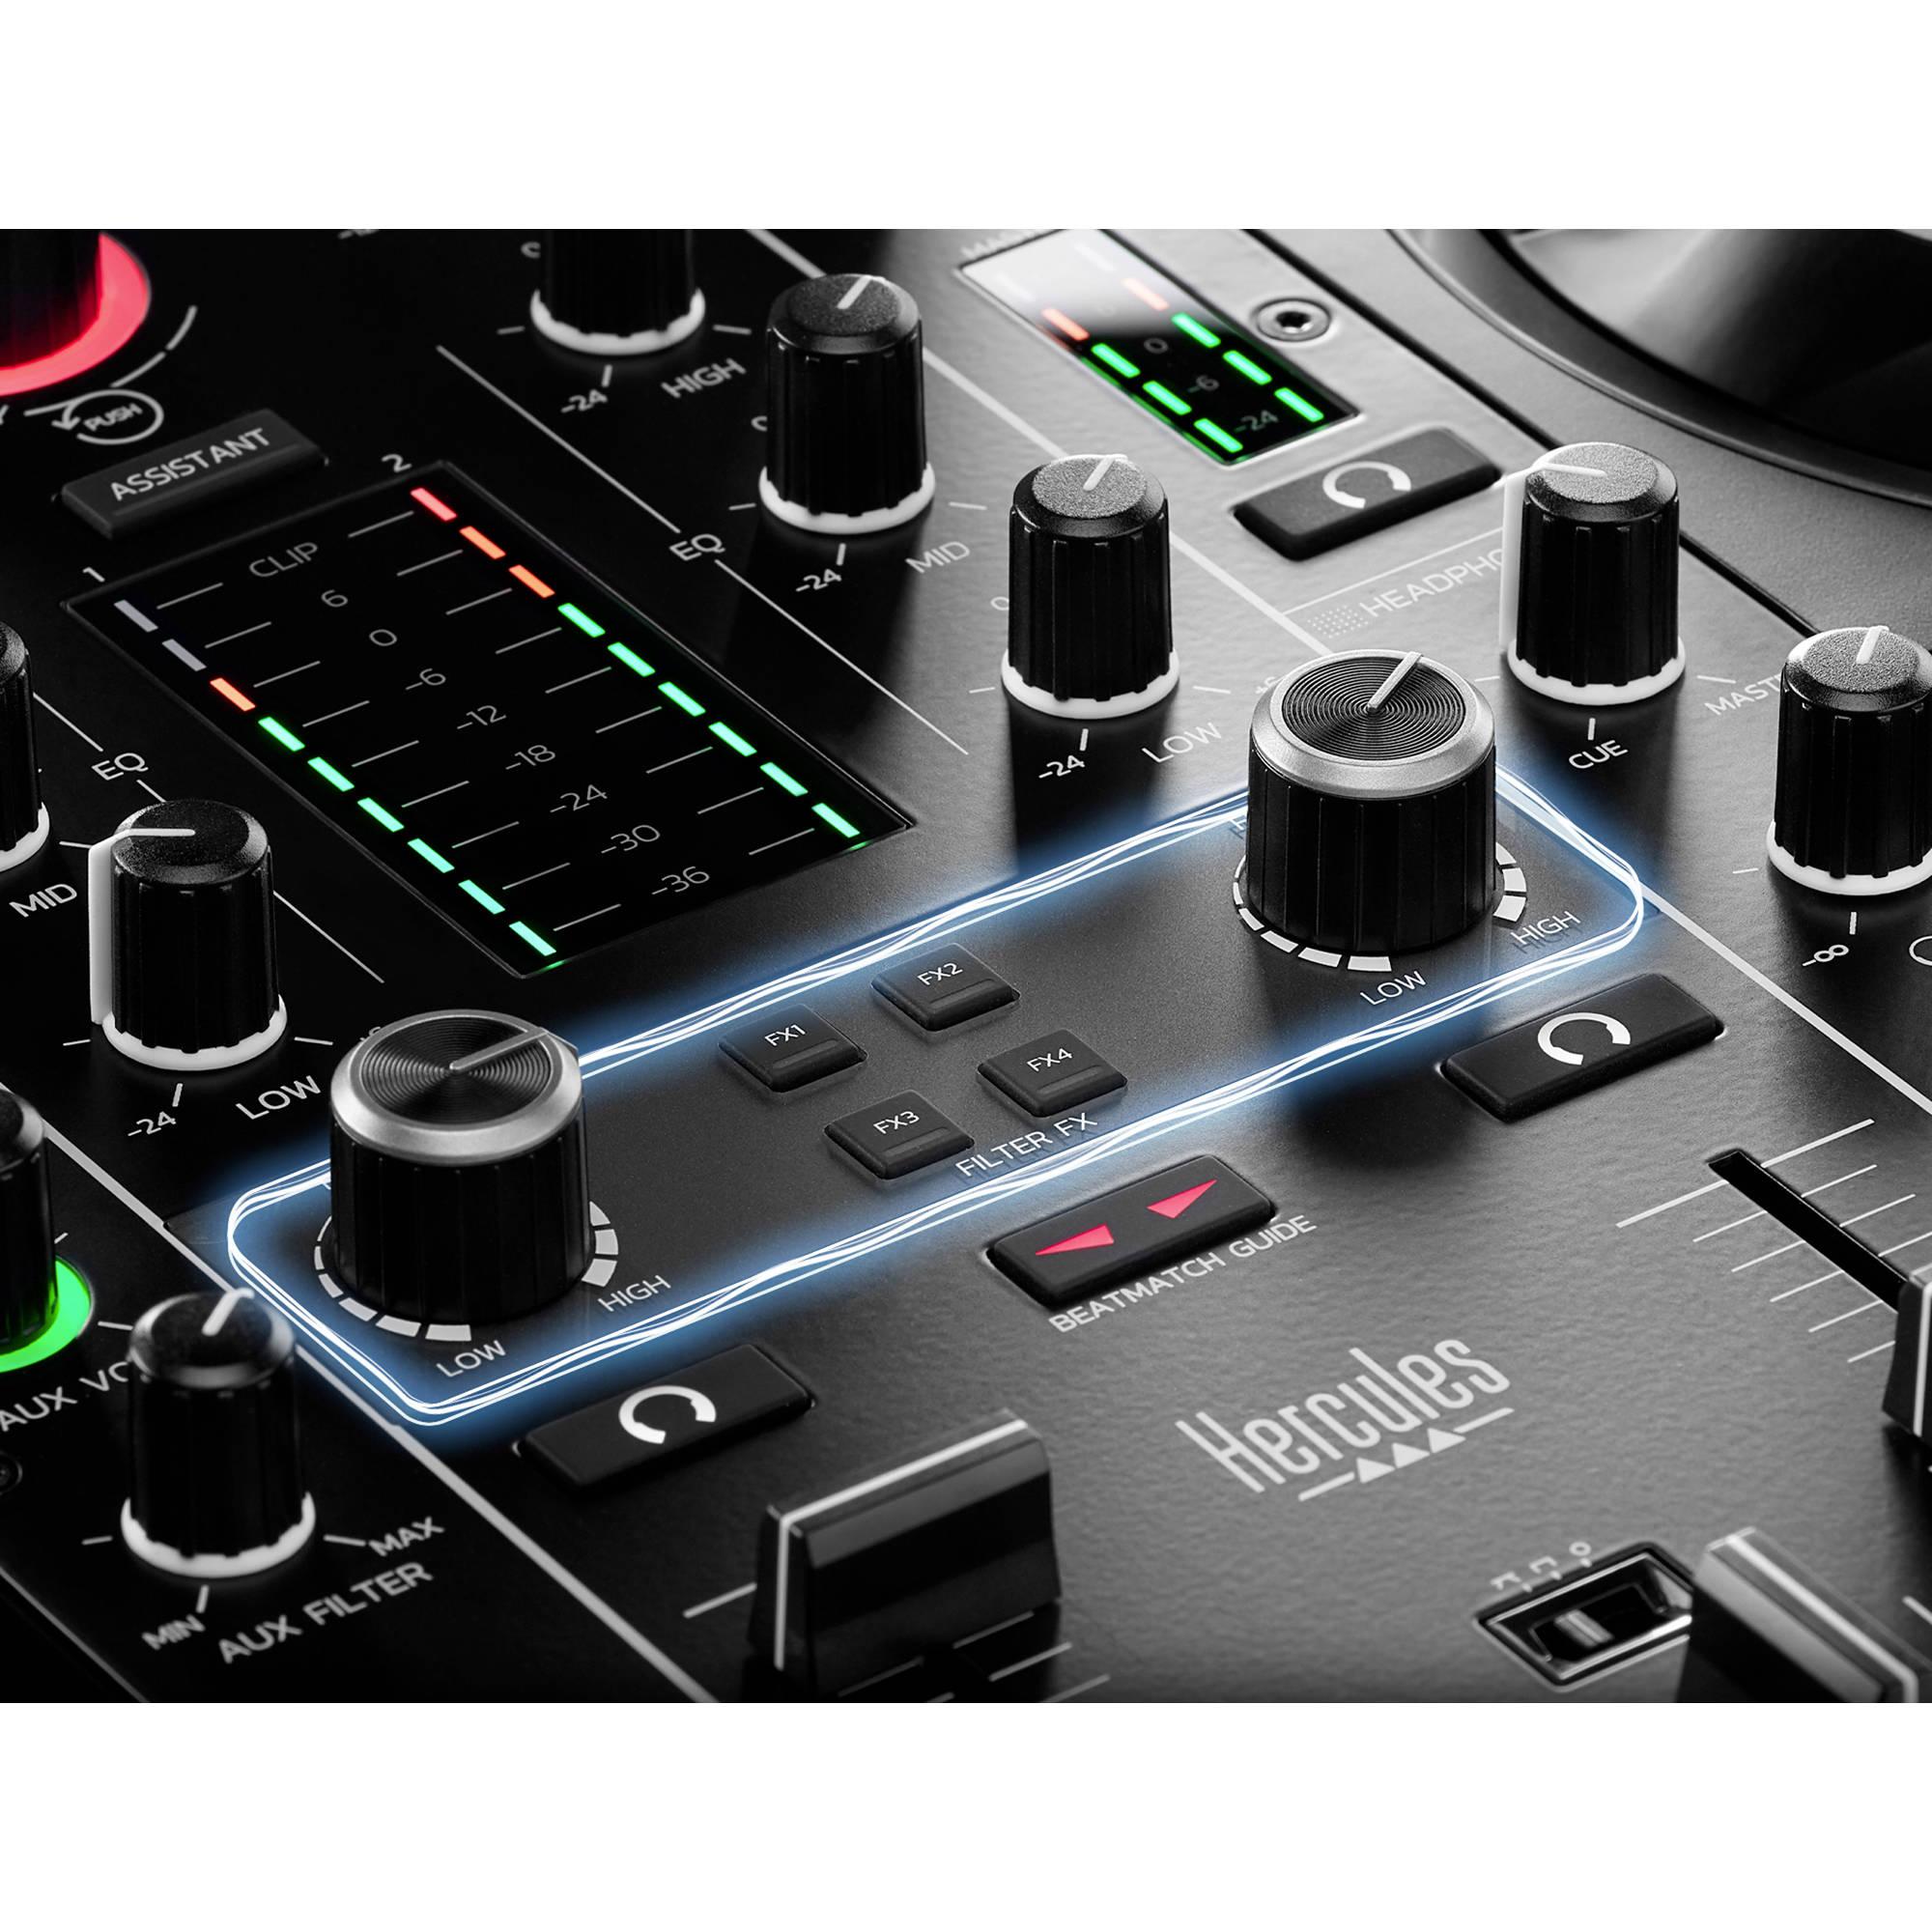 HERCULES DJControl Inpulse 500 Gold Edition /— Edizione limitata /— Controller DJ USB a doppio banco per Serato DJ Pro e DJUCED